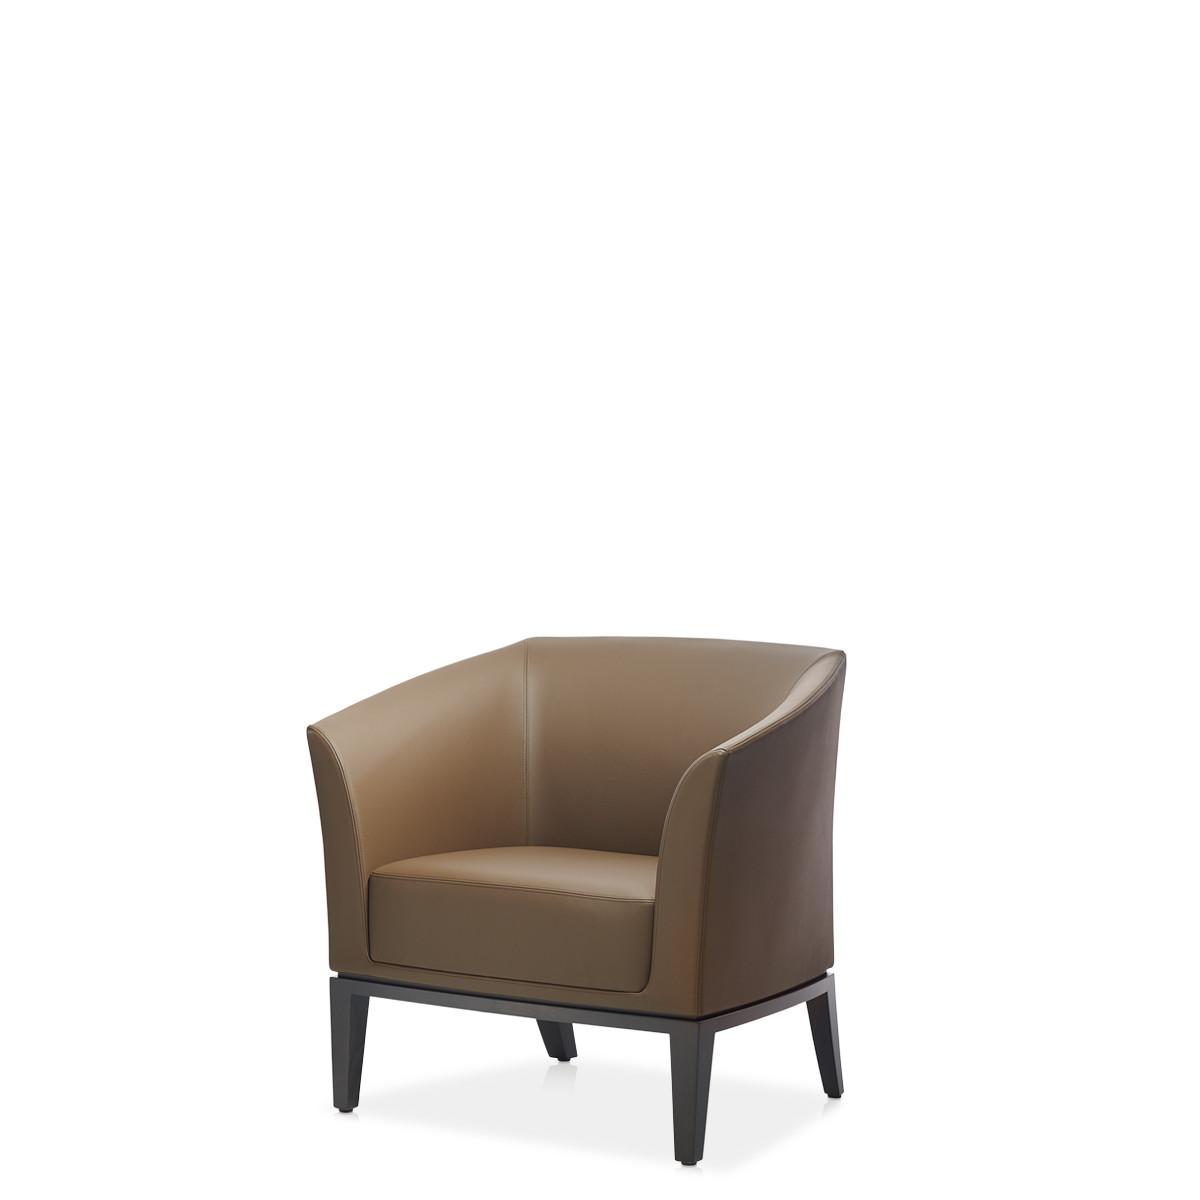 Entdecken Sie bei Conzept Beckord besondere Designmöbel! Hier finden Sie Potocco Sofas und Sessel: Venus braun